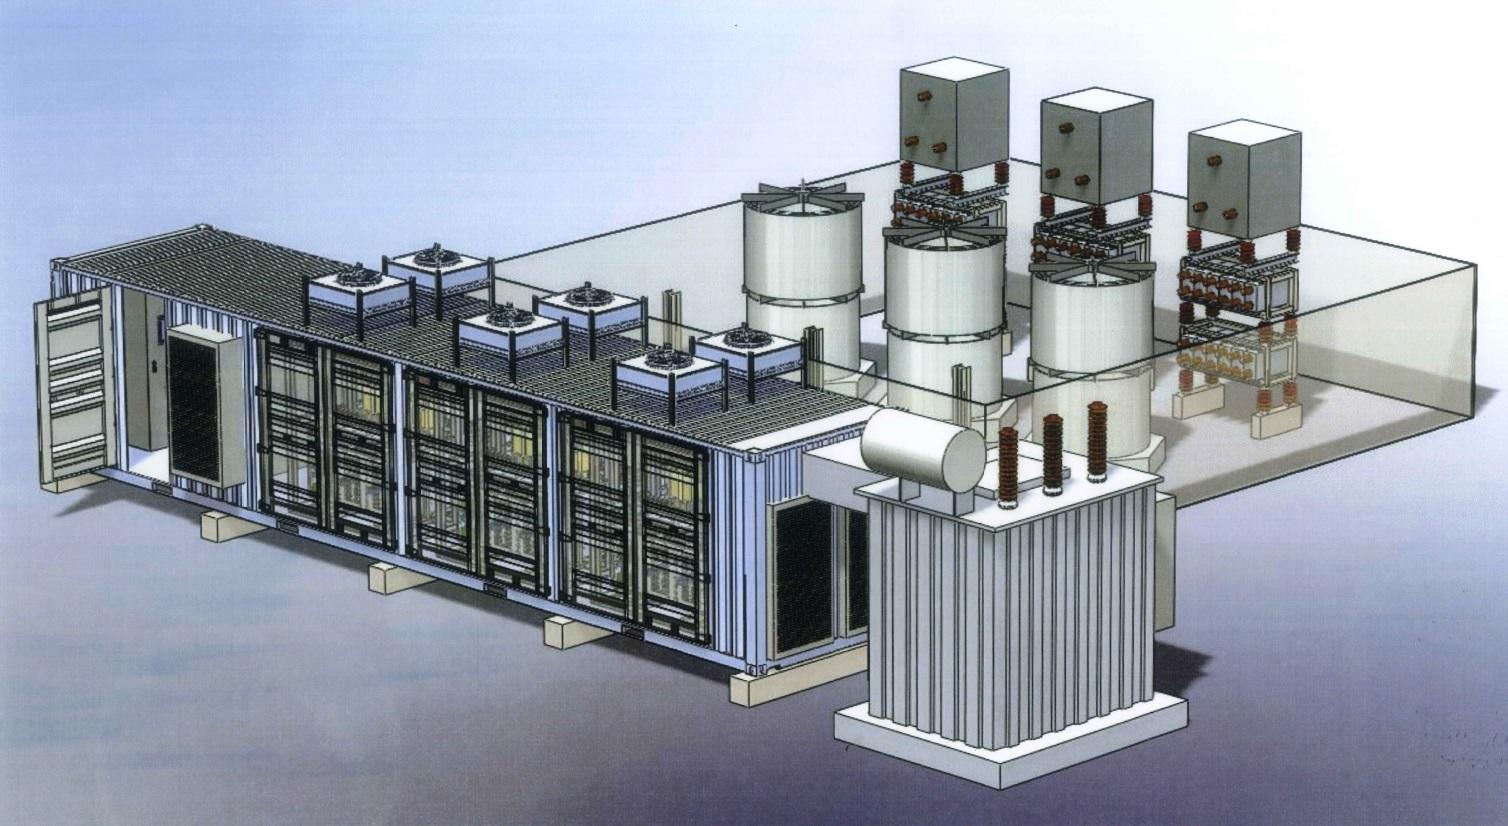 STATCOM állomás 5.4MVAr elektronikus és 4.5MVAr passzív elemmel induktív és kapacitav kompenzálásra